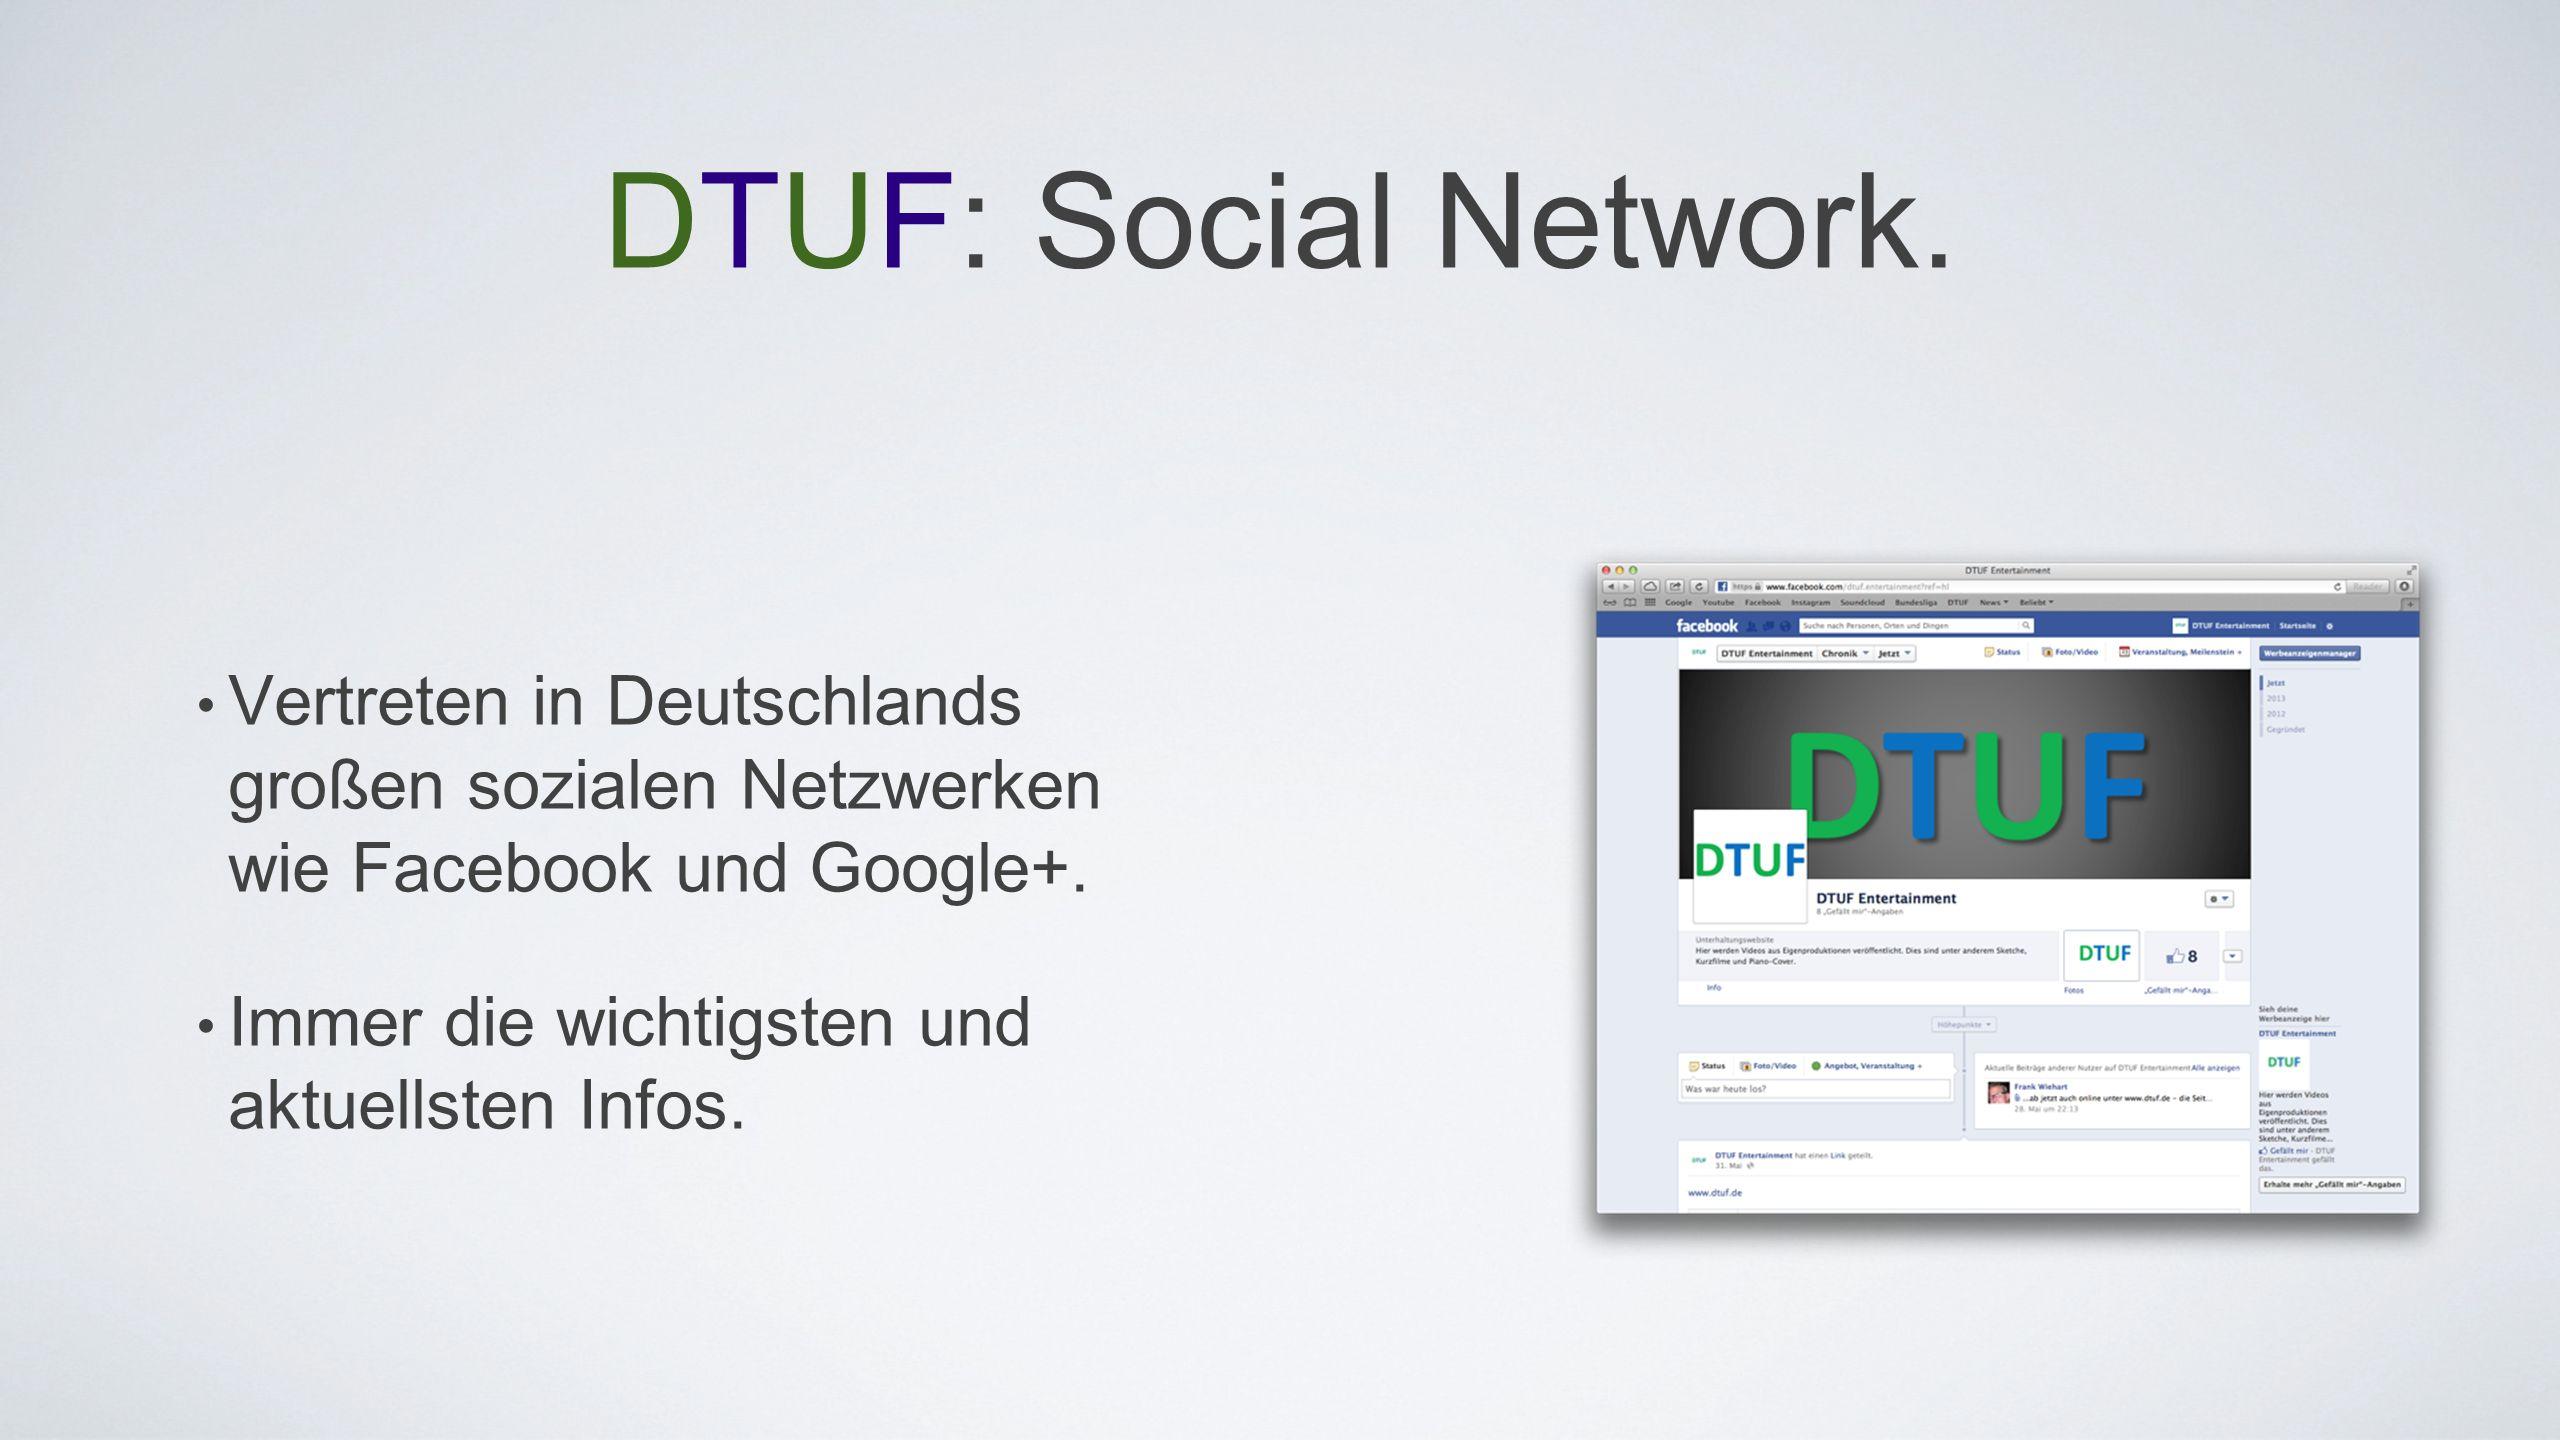 DTUF: Social Network. Vertreten in Deutschlands großen sozialen Netzwerken wie Facebook und Google+. Immer die wichtigsten und aktuellsten Infos.